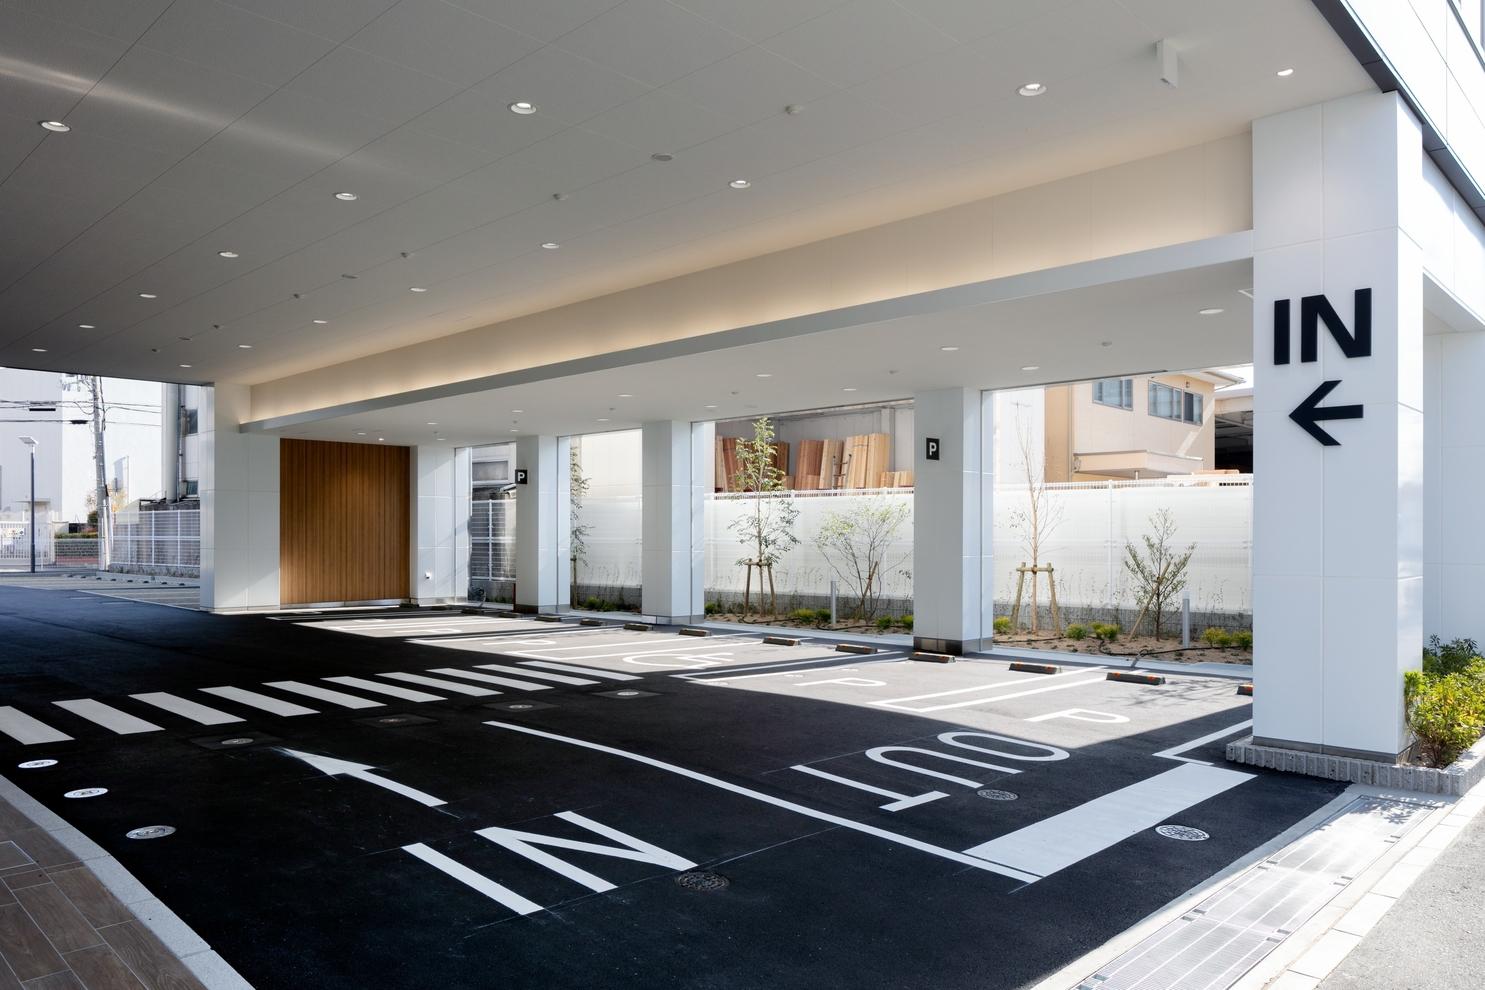 007_車路・駐車場